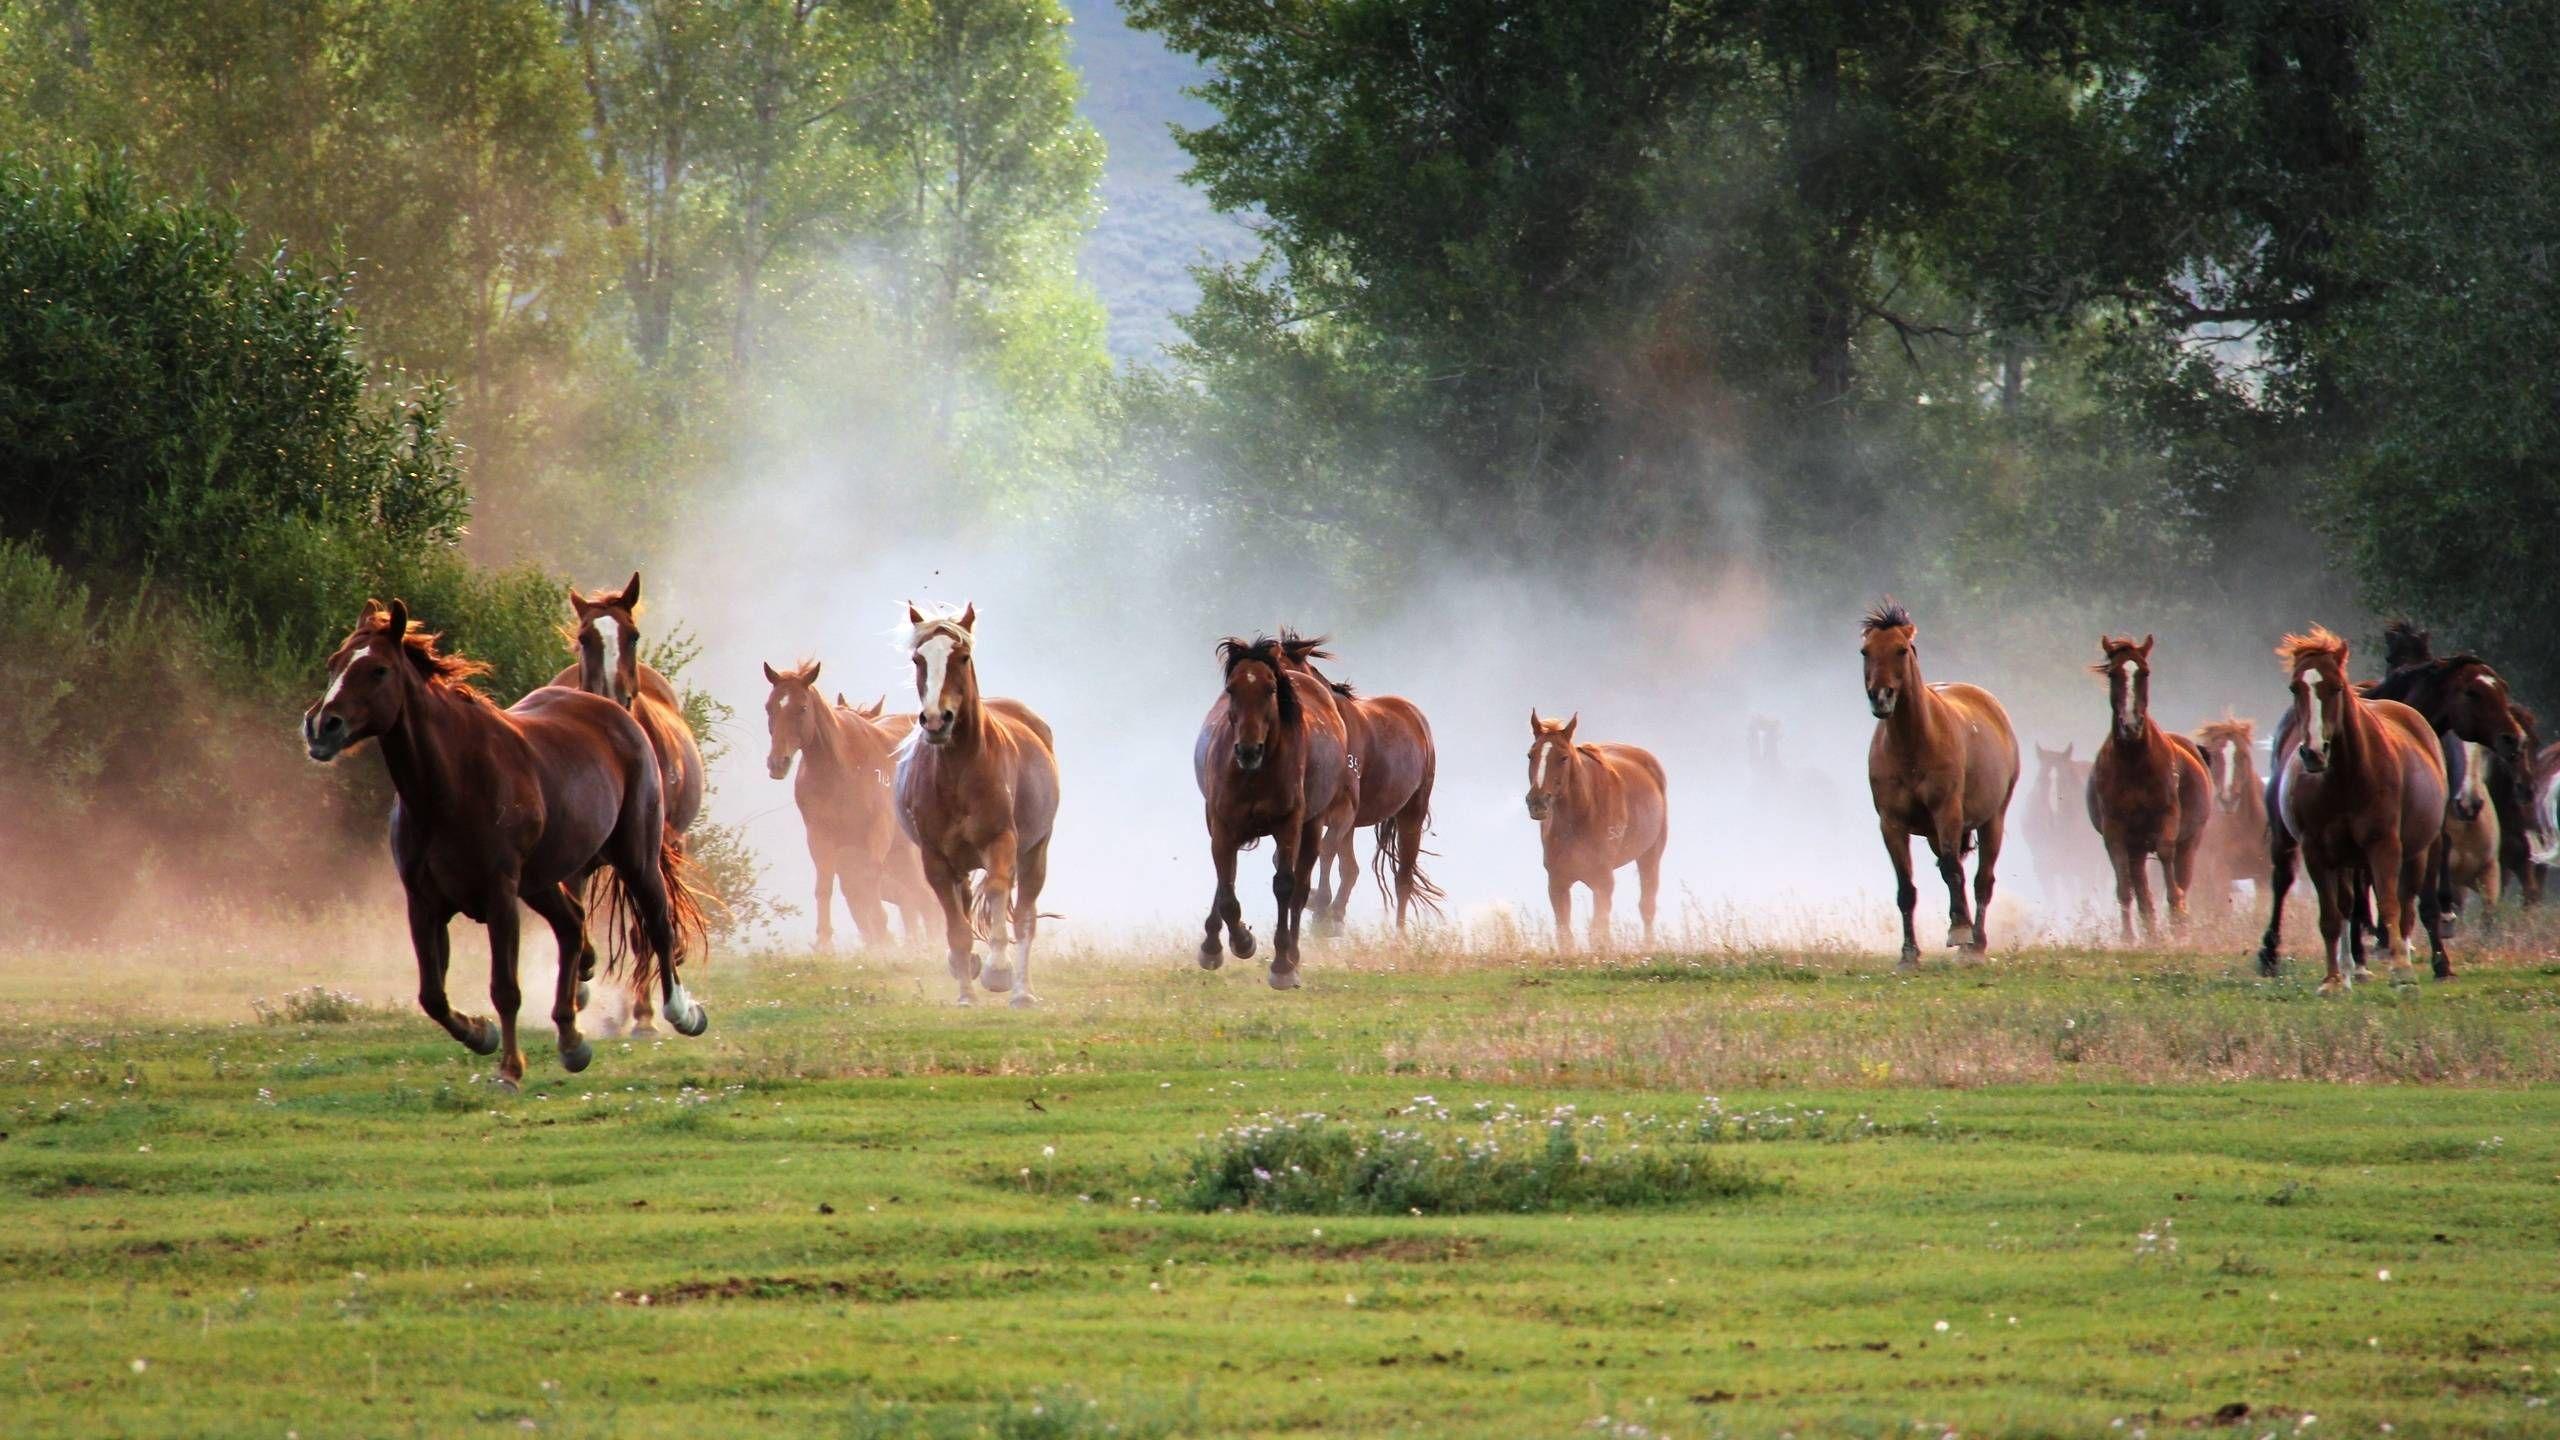 Horse HD desktop wallpaper Widescreen High Definition